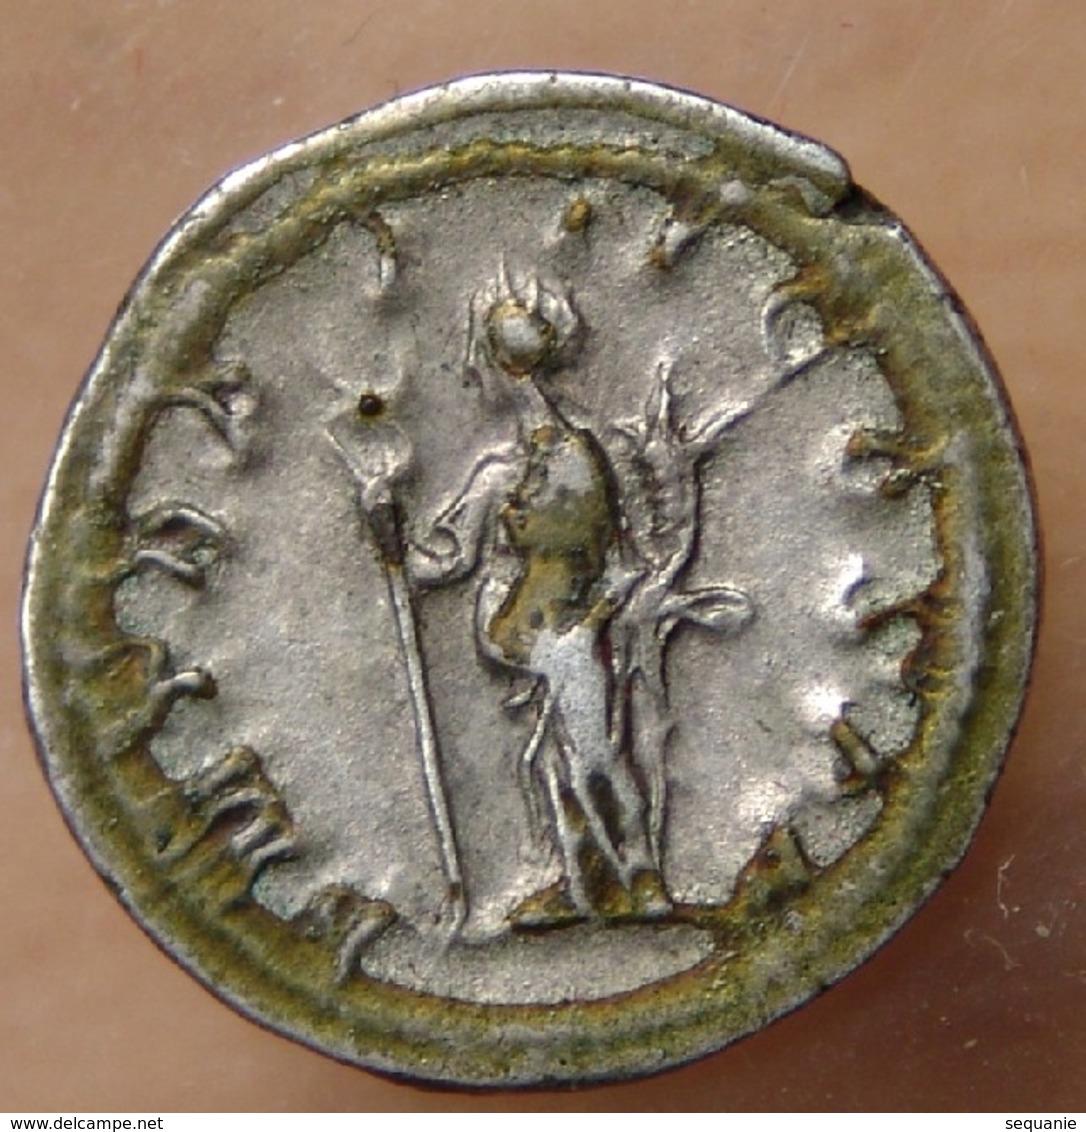 Philippe I L'Arabe Antoninien + 246  Rome La Félicité PMTRP III COS PP - 5. L'Anarchie Militaire (235 à 284)